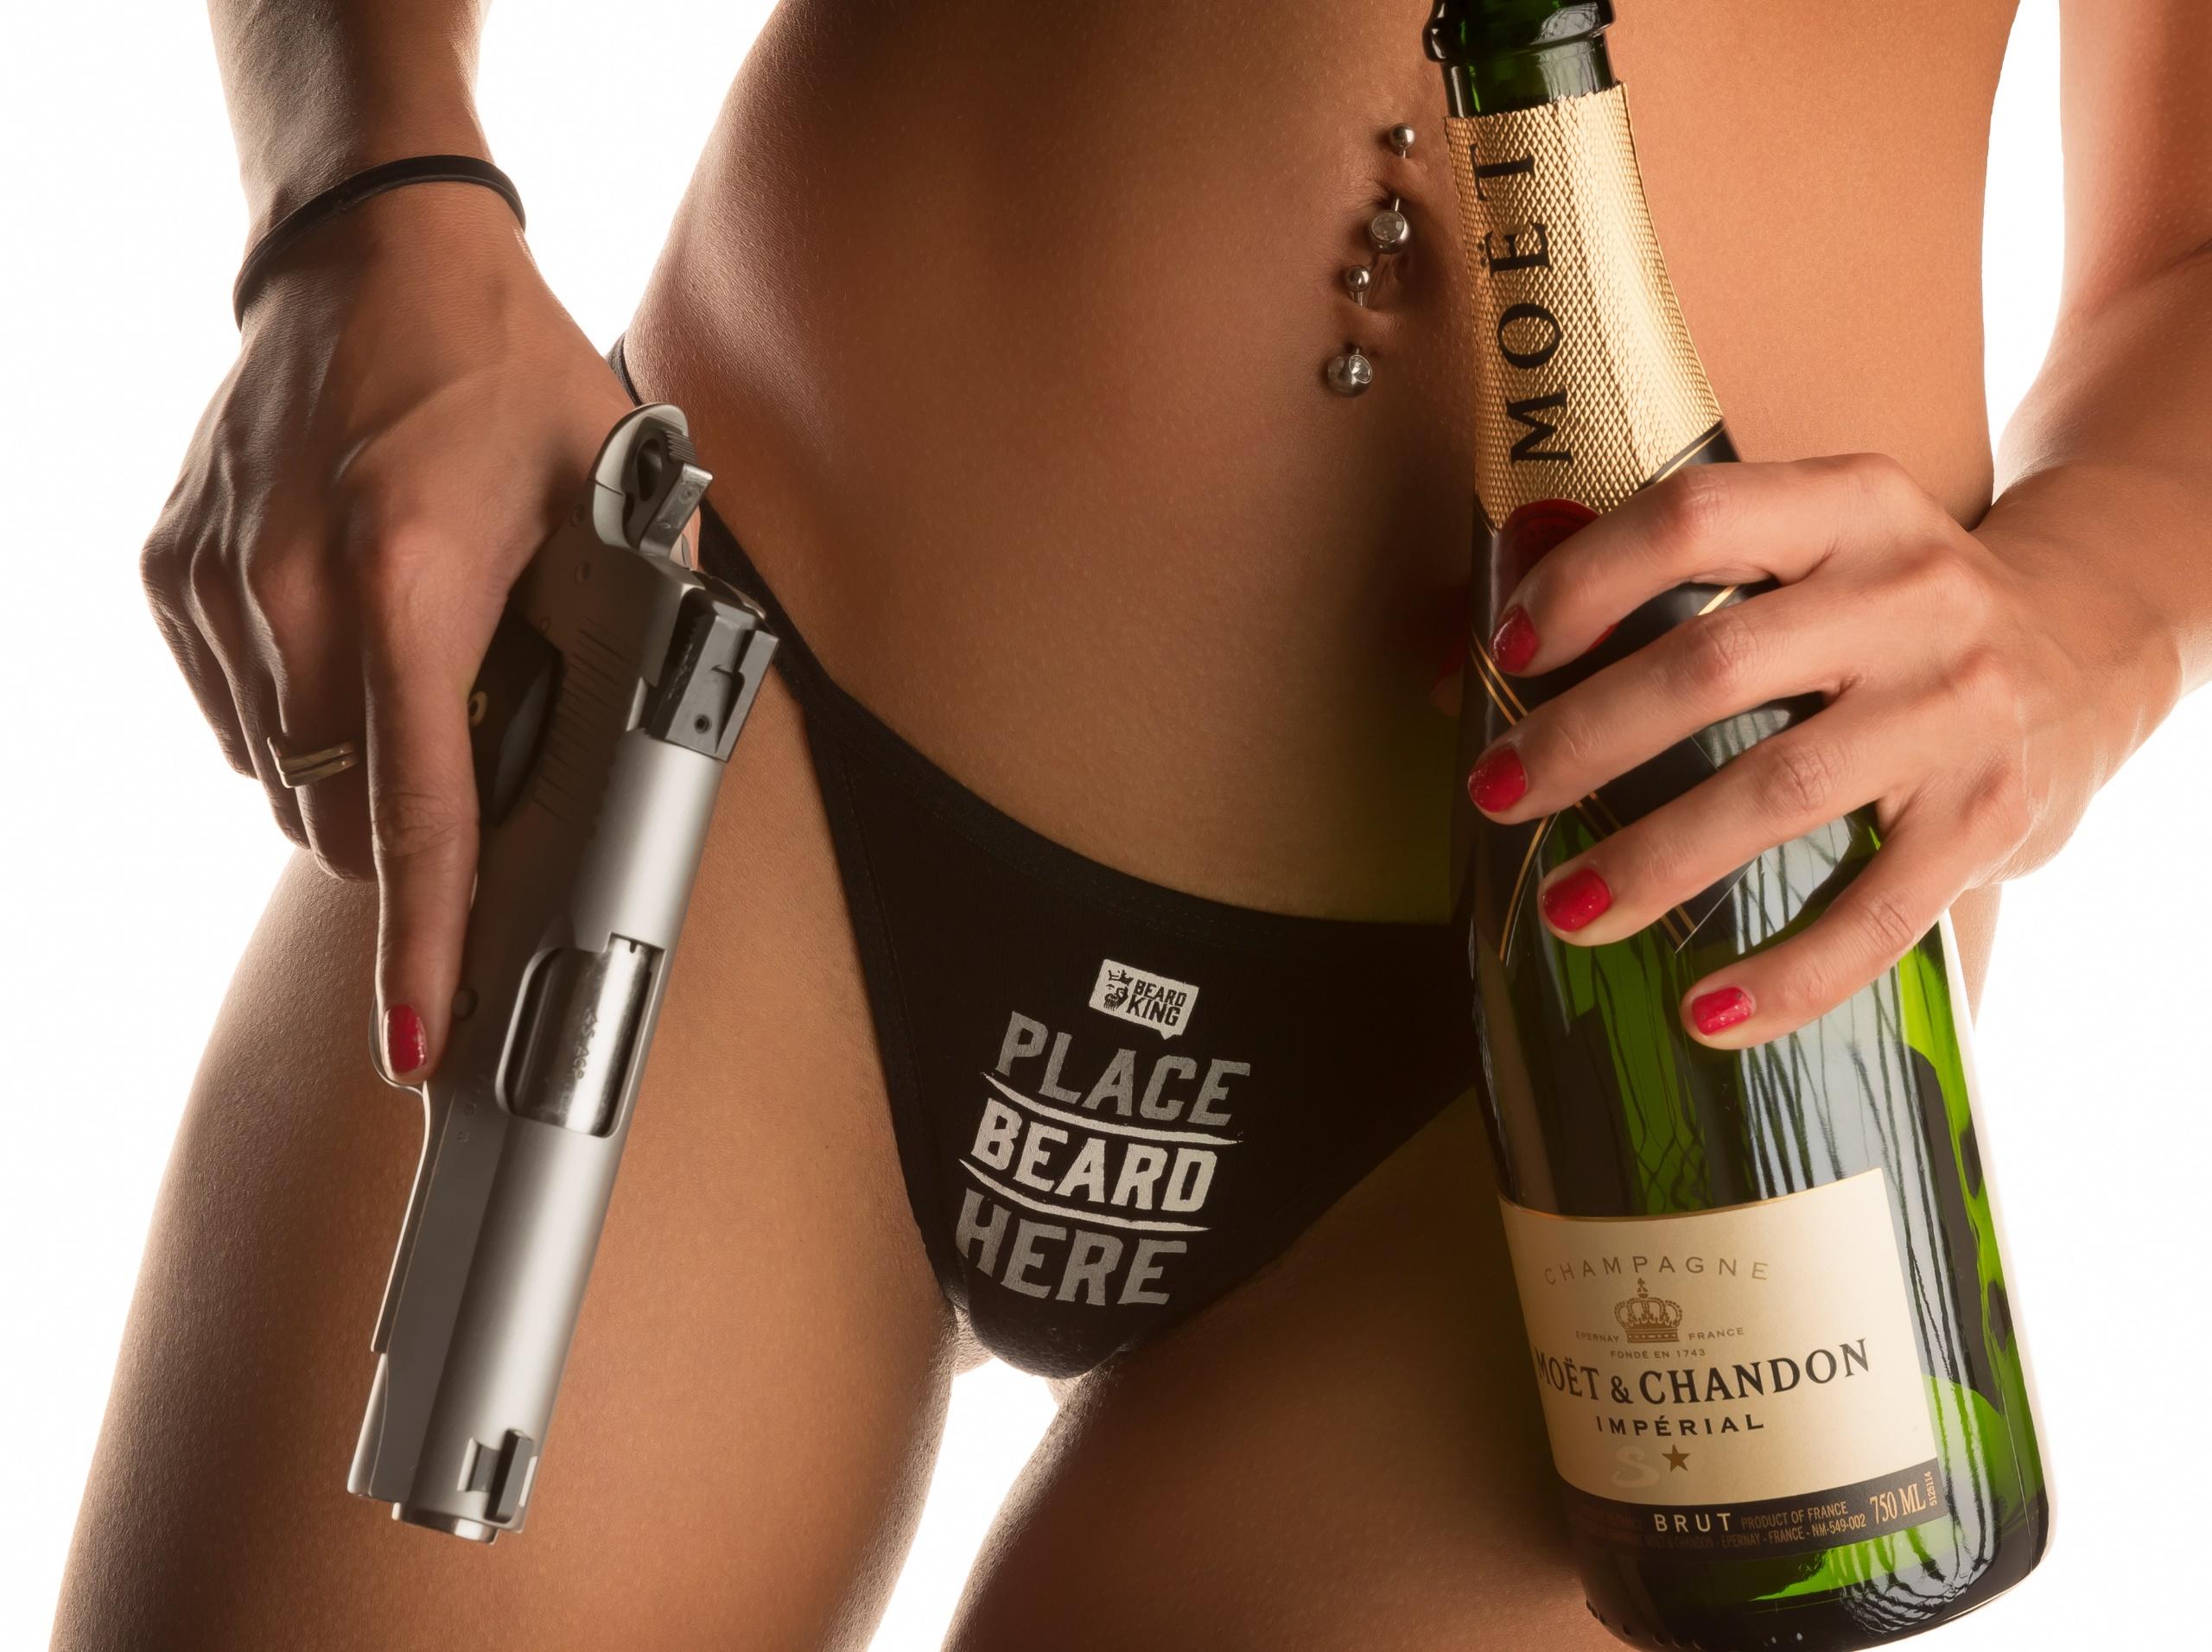 Секс с бутылкой шампанского фото, врач дрочит член на пациента смотреть онлайн